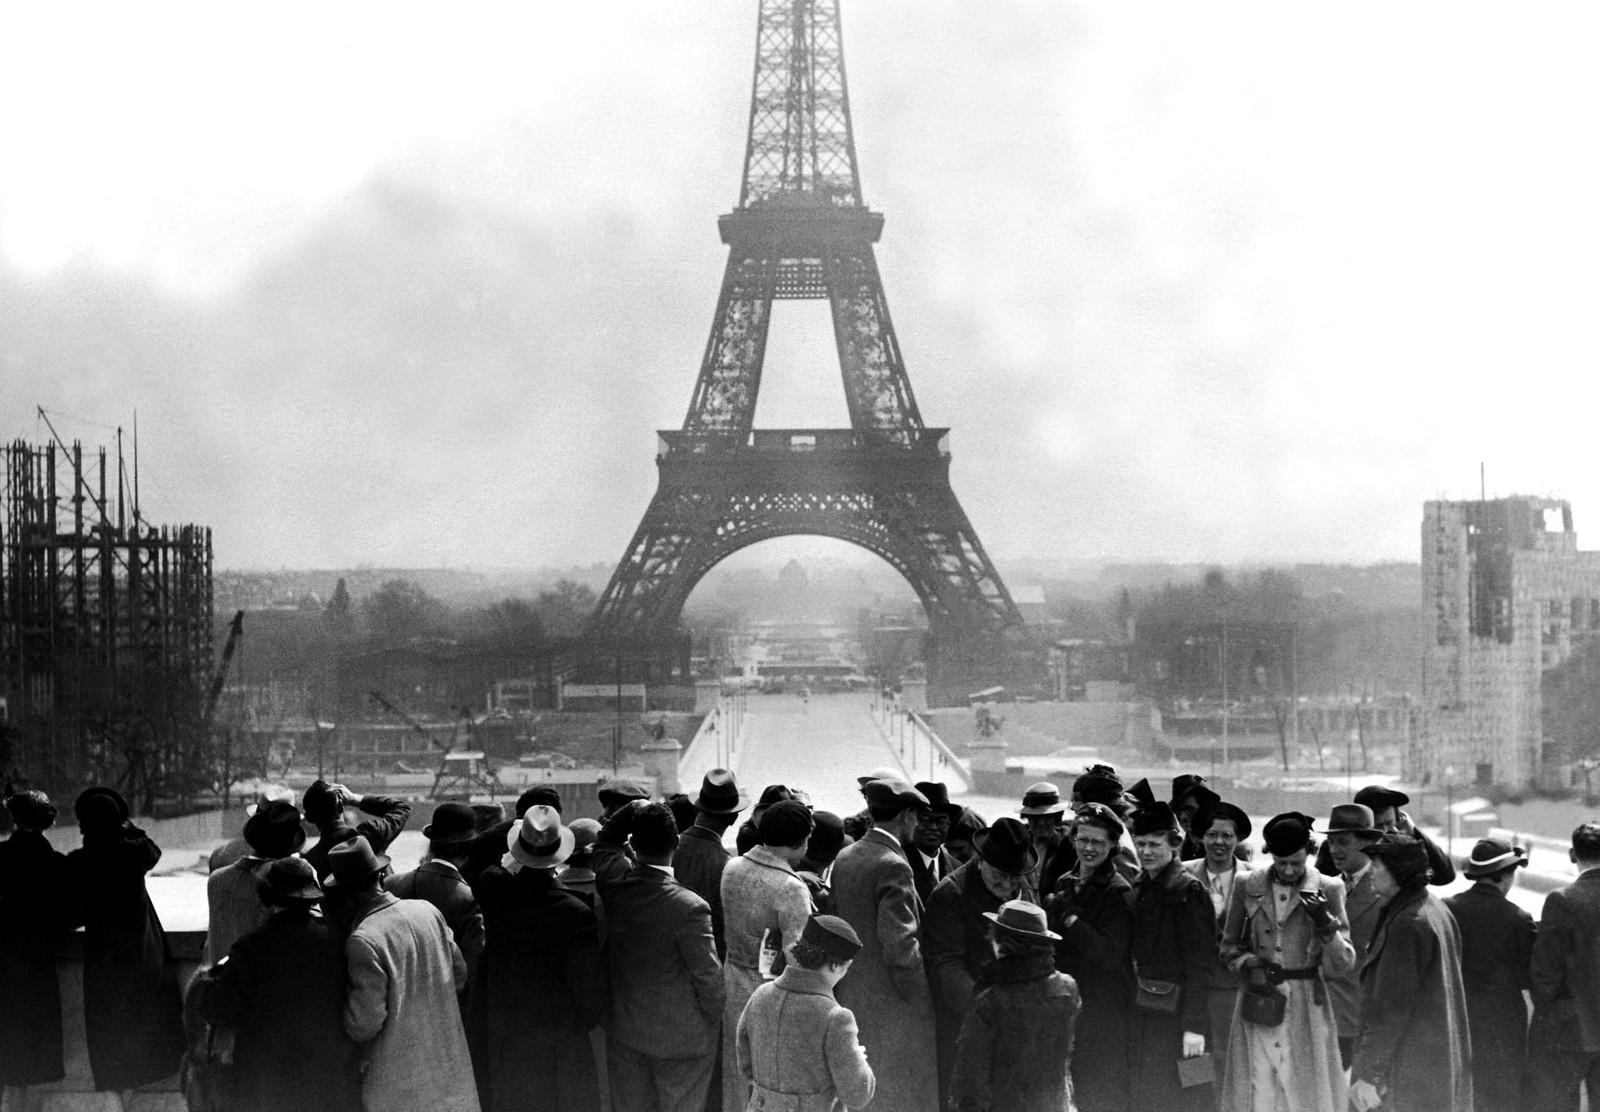 01. 1936. Туристы у Эйфелевой башни. 16 апреля